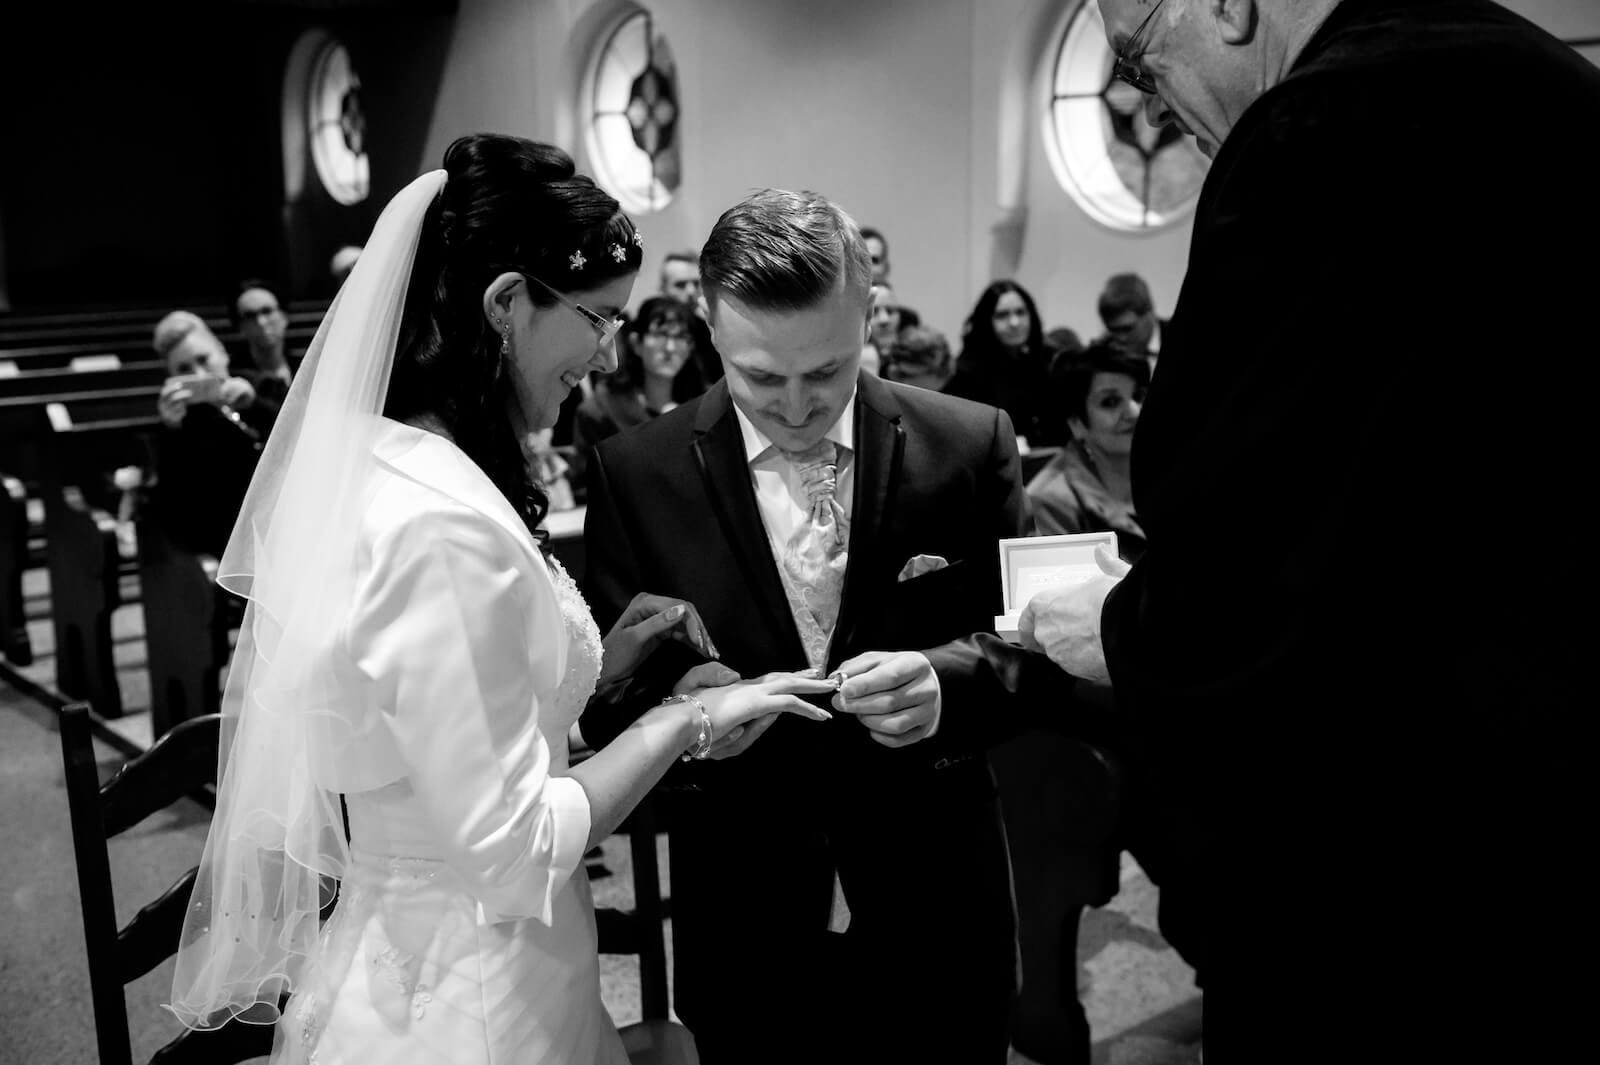 kirchliche Trauung in Landsberg - Bräutigam steckt Braut den Ring in der Kirche an